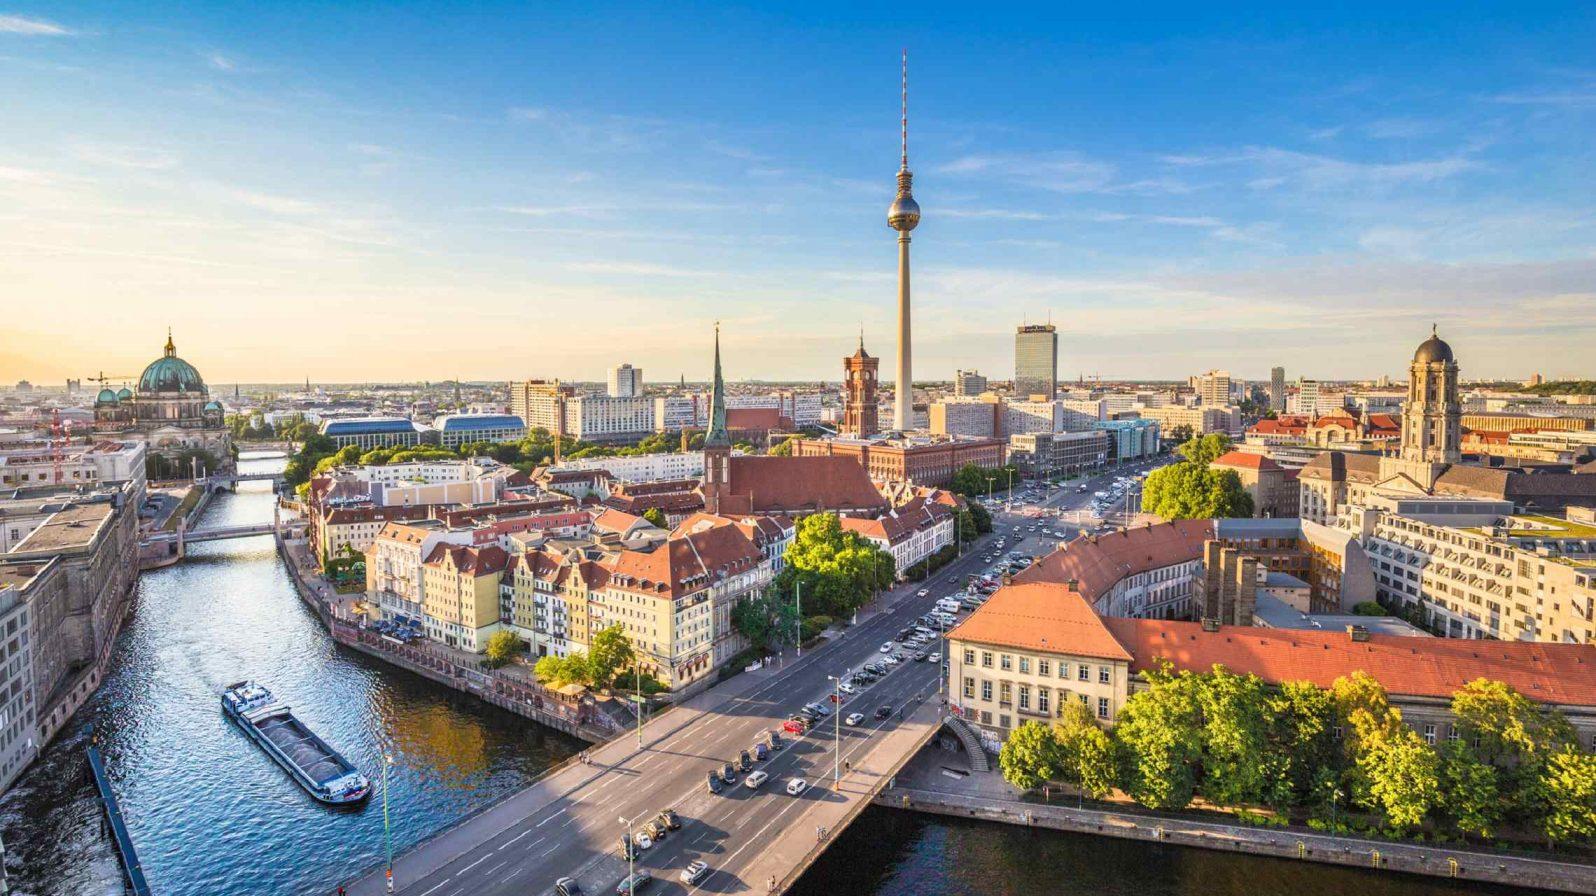 Berliinin-kaupunkimaisema-ja-Spreejoki-Saksa-1596x896.jpg